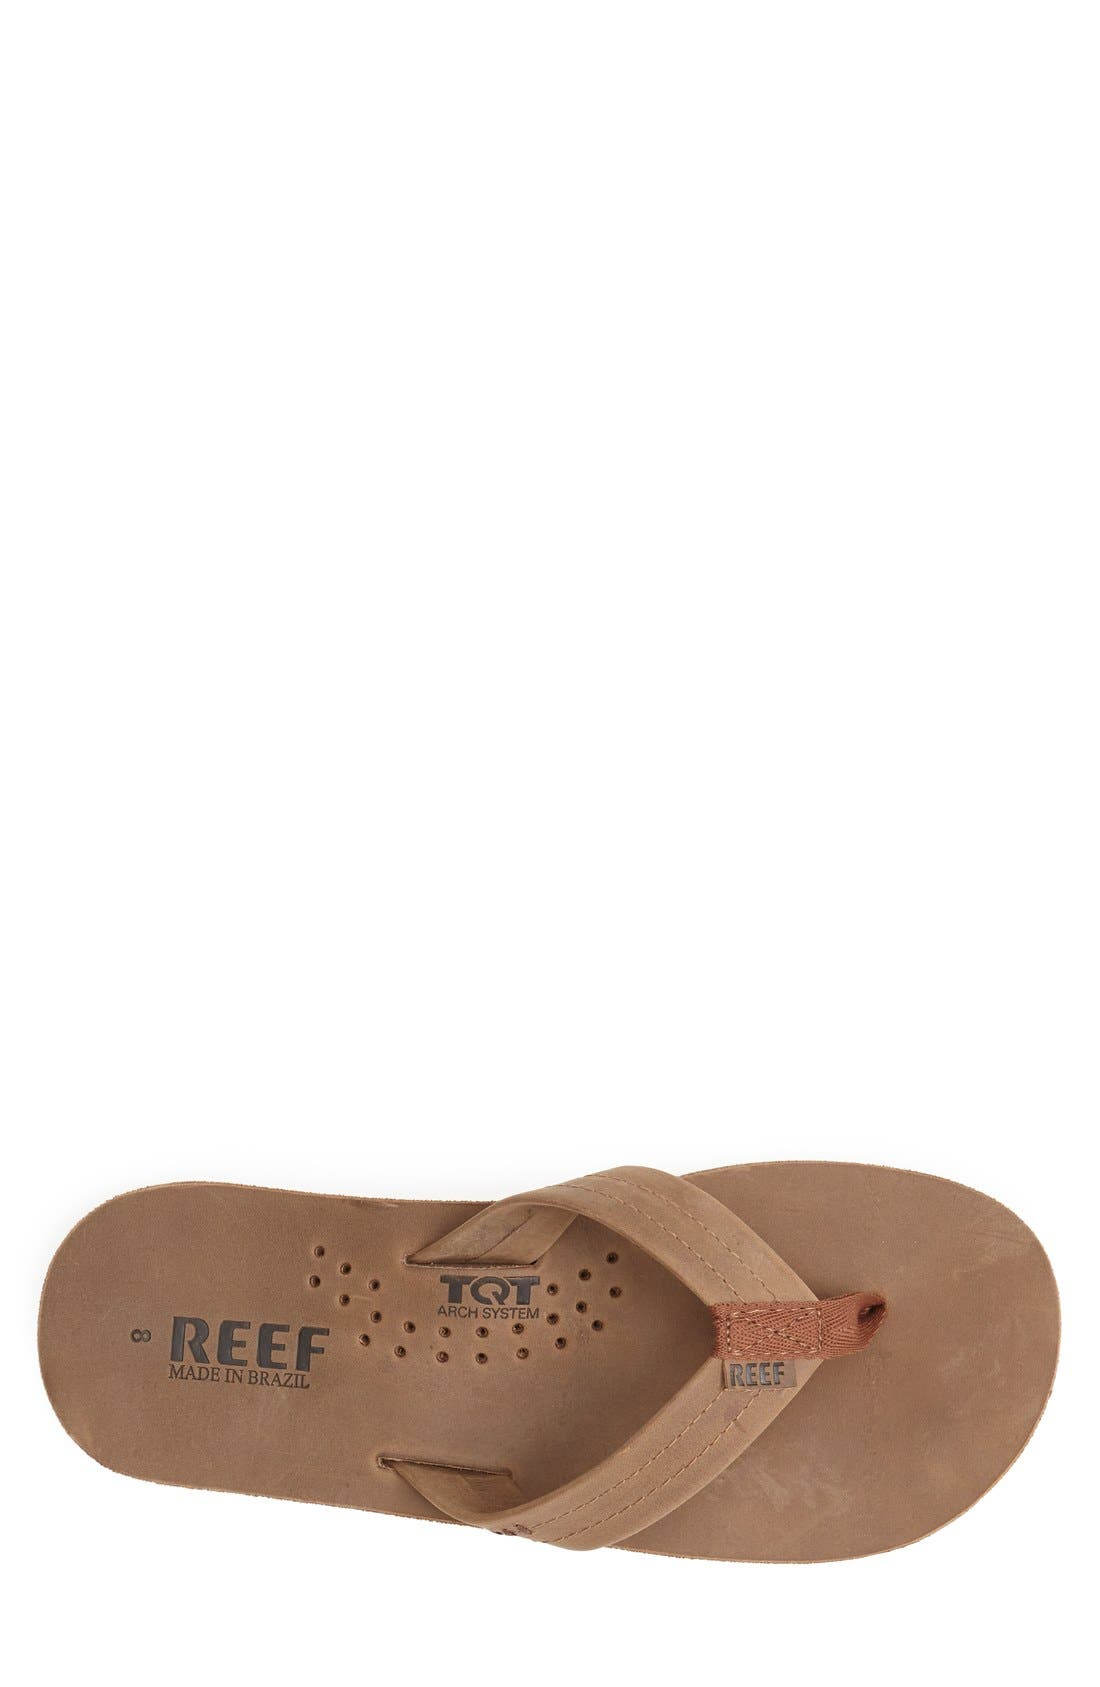 Alternate Image 3  - Reef 'Draftsmen' Leather Flip Flop (Men)